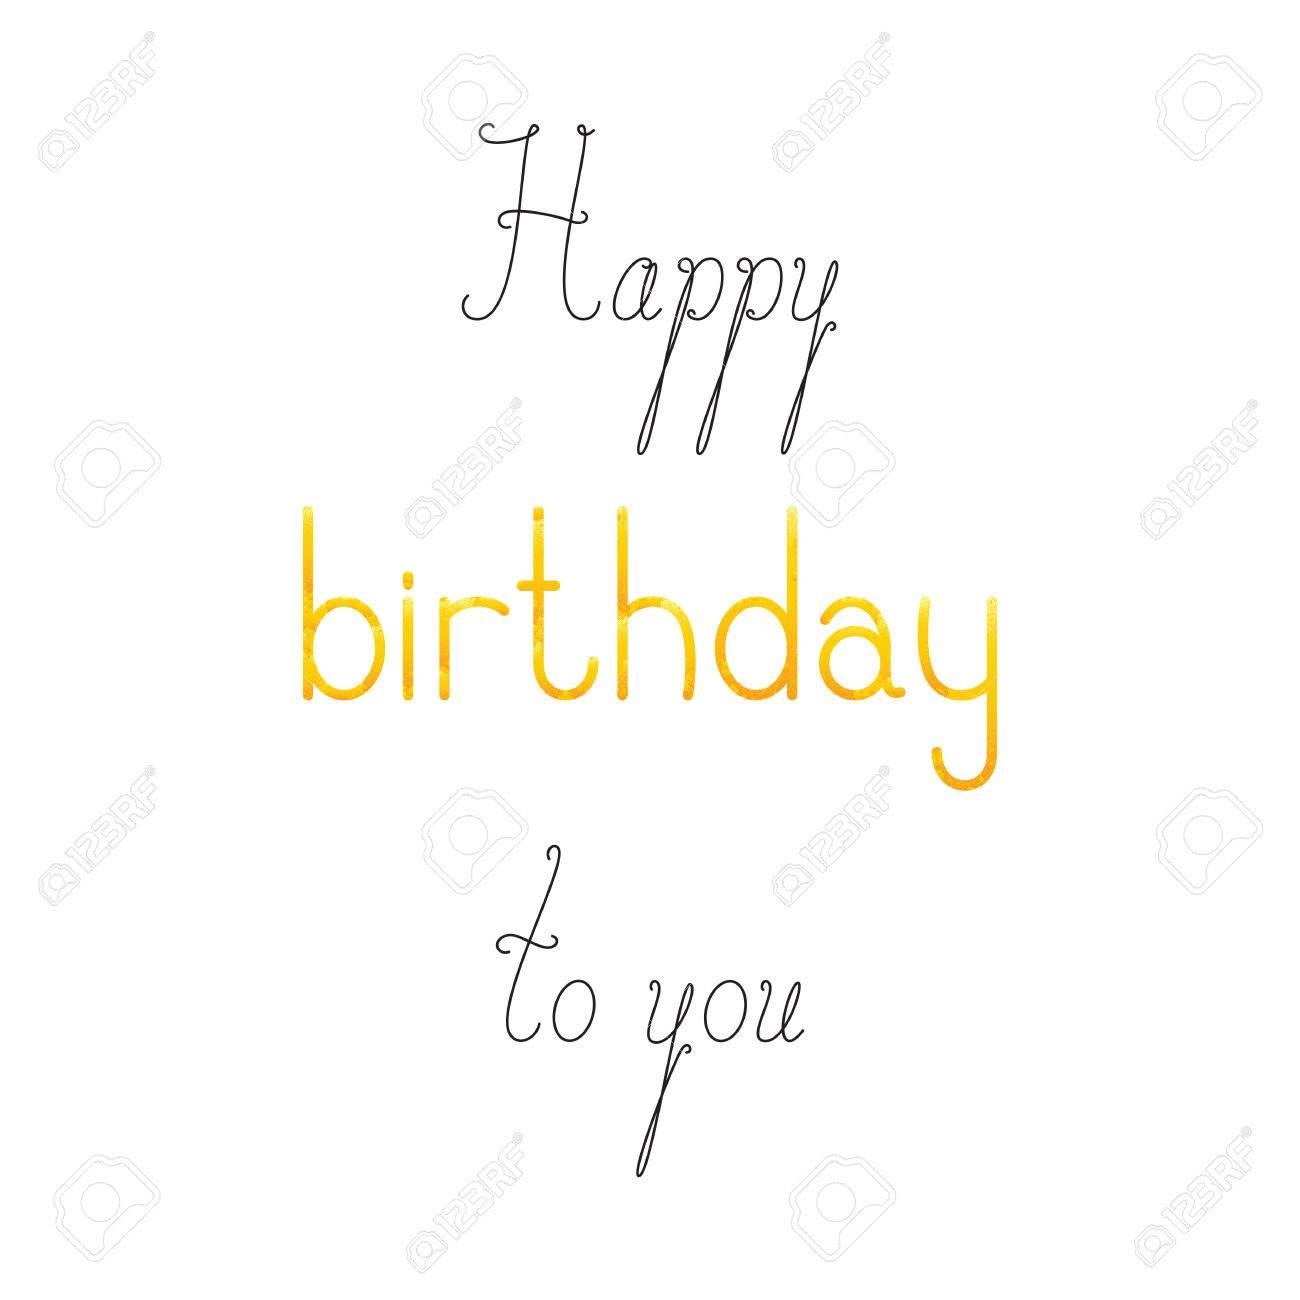 Feliz Cumpleaños A Ti Letras En Inglés Aislado Sobre Fondo Blanco Palabras Caligráfico Feliz Y Para Que En Mal Estado Cumpleaños De La Palabra De